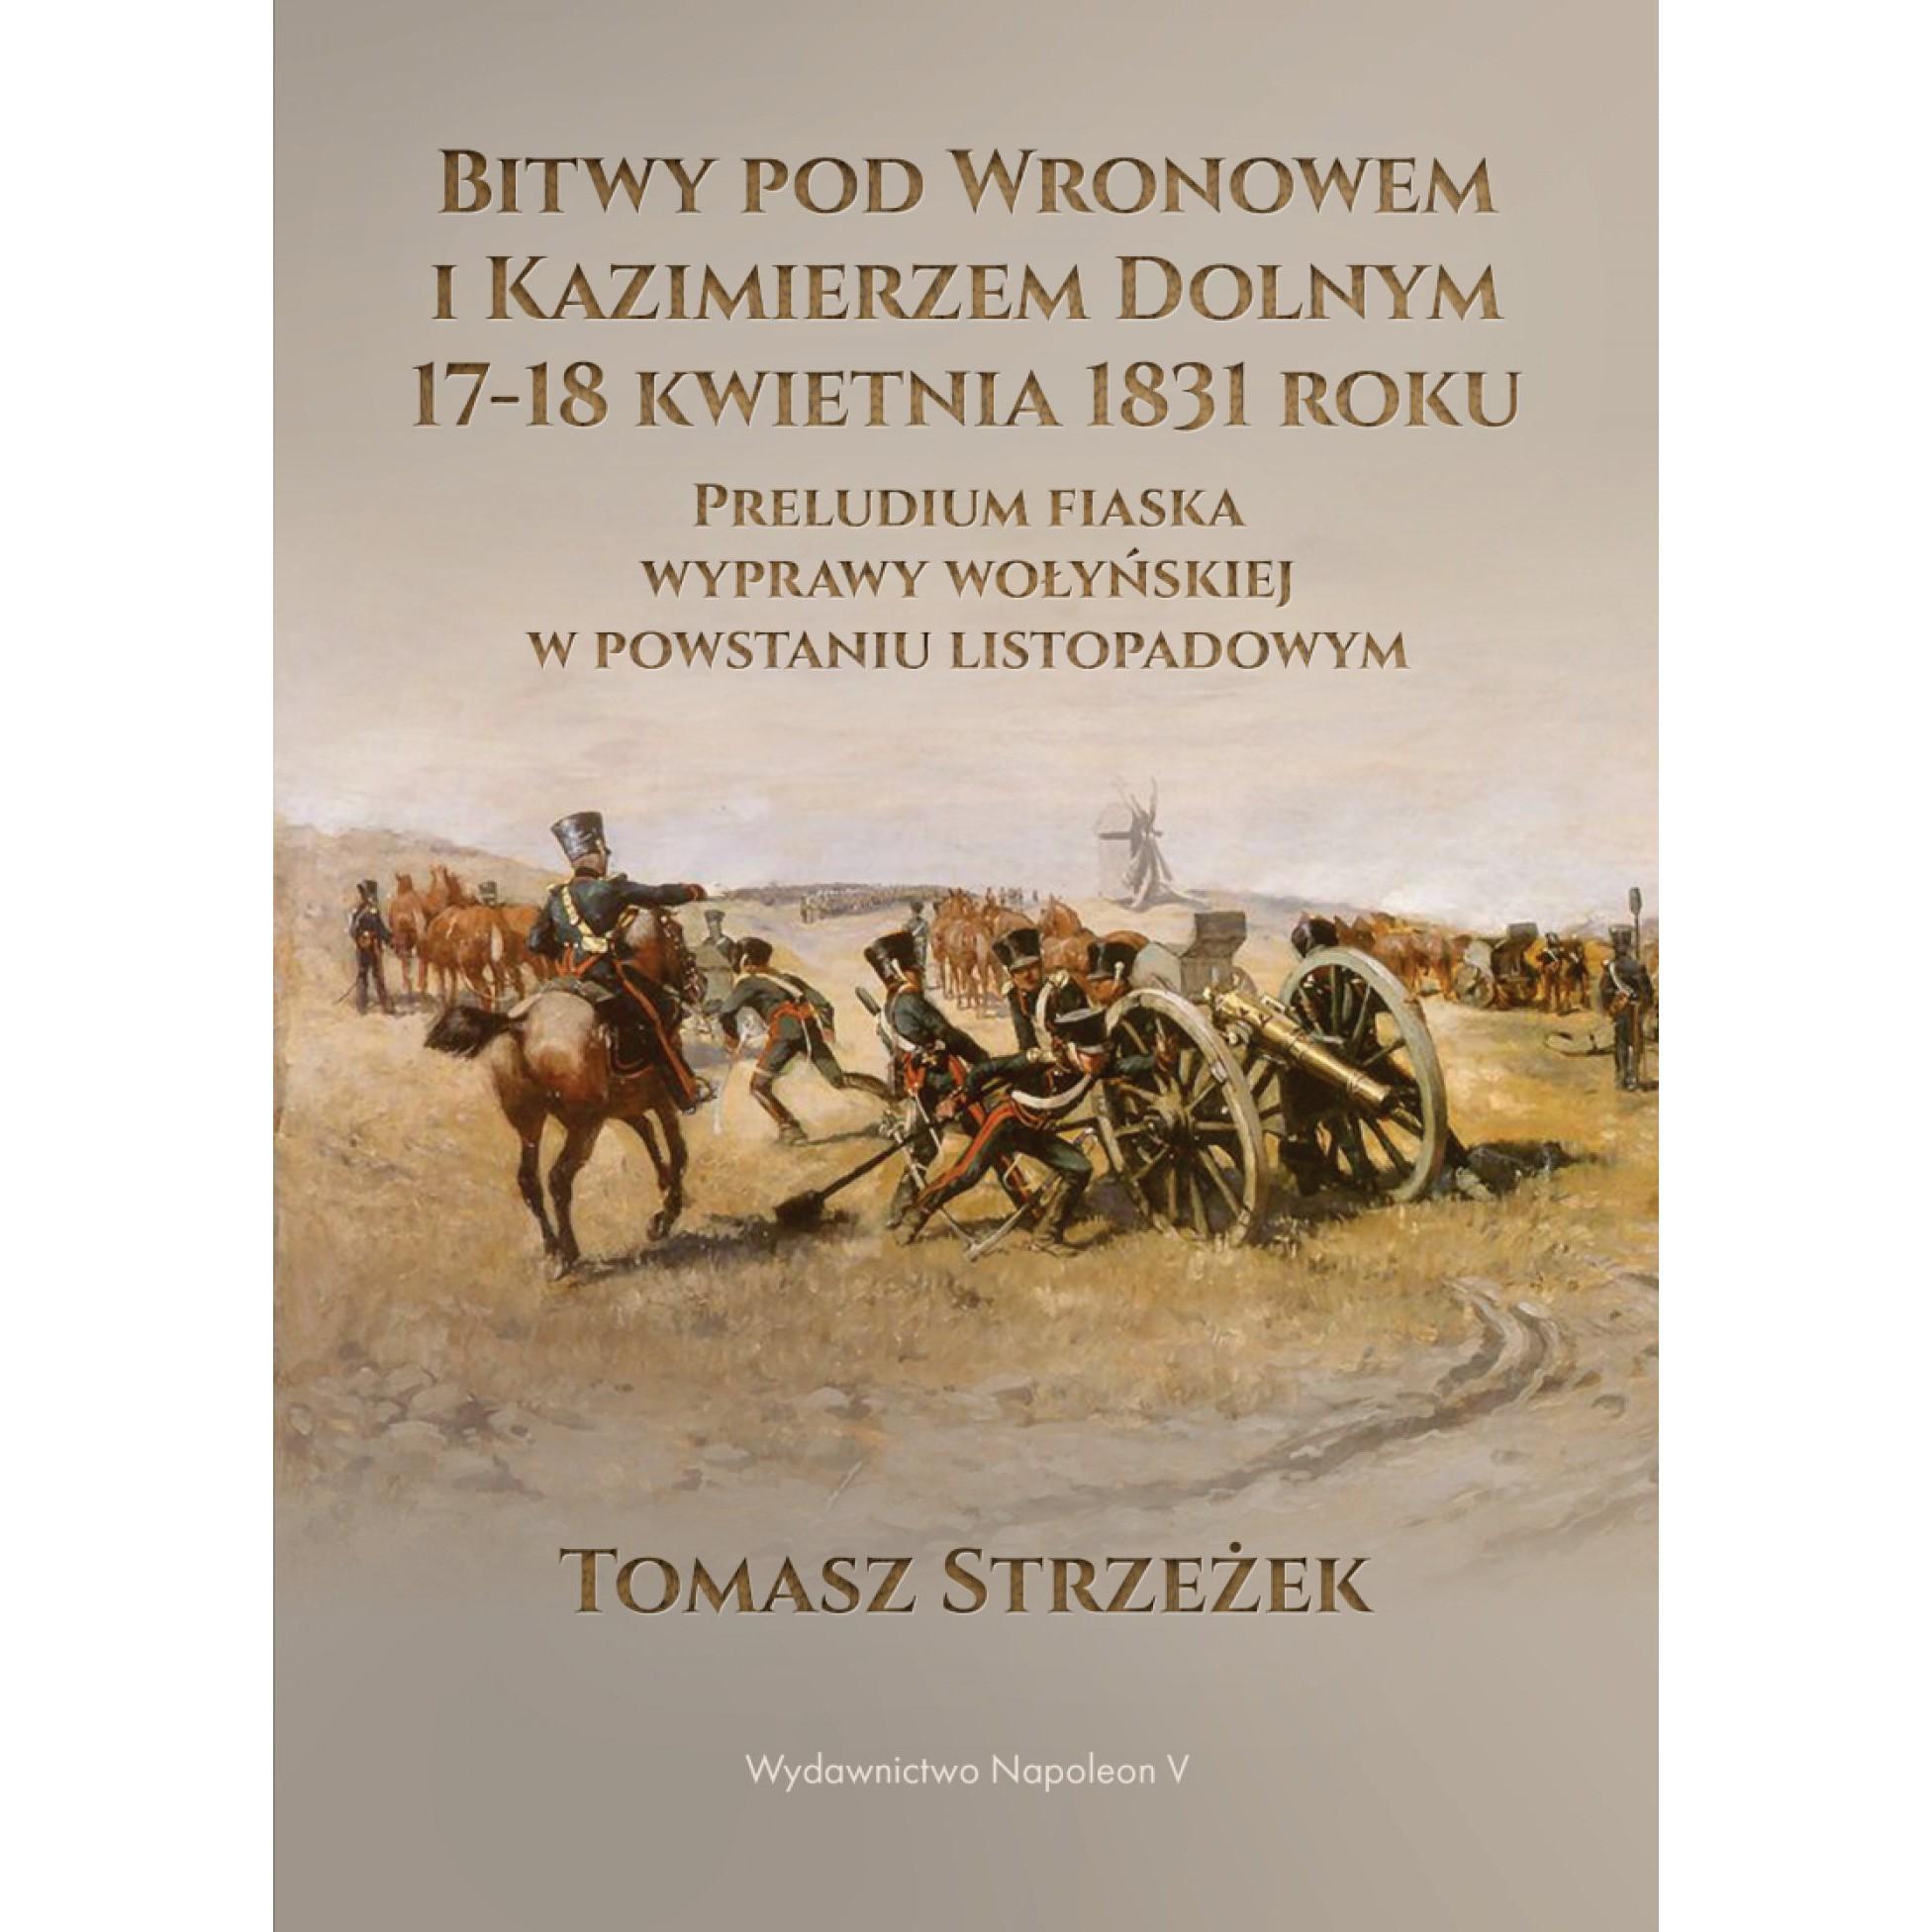 Bitwy pod Wronowem i Kazimierzem Dolnym 17-18 kwietnia 1831 roku. Preludium fiaska wyprawy wołyńskiej w powstaniu listopadowym